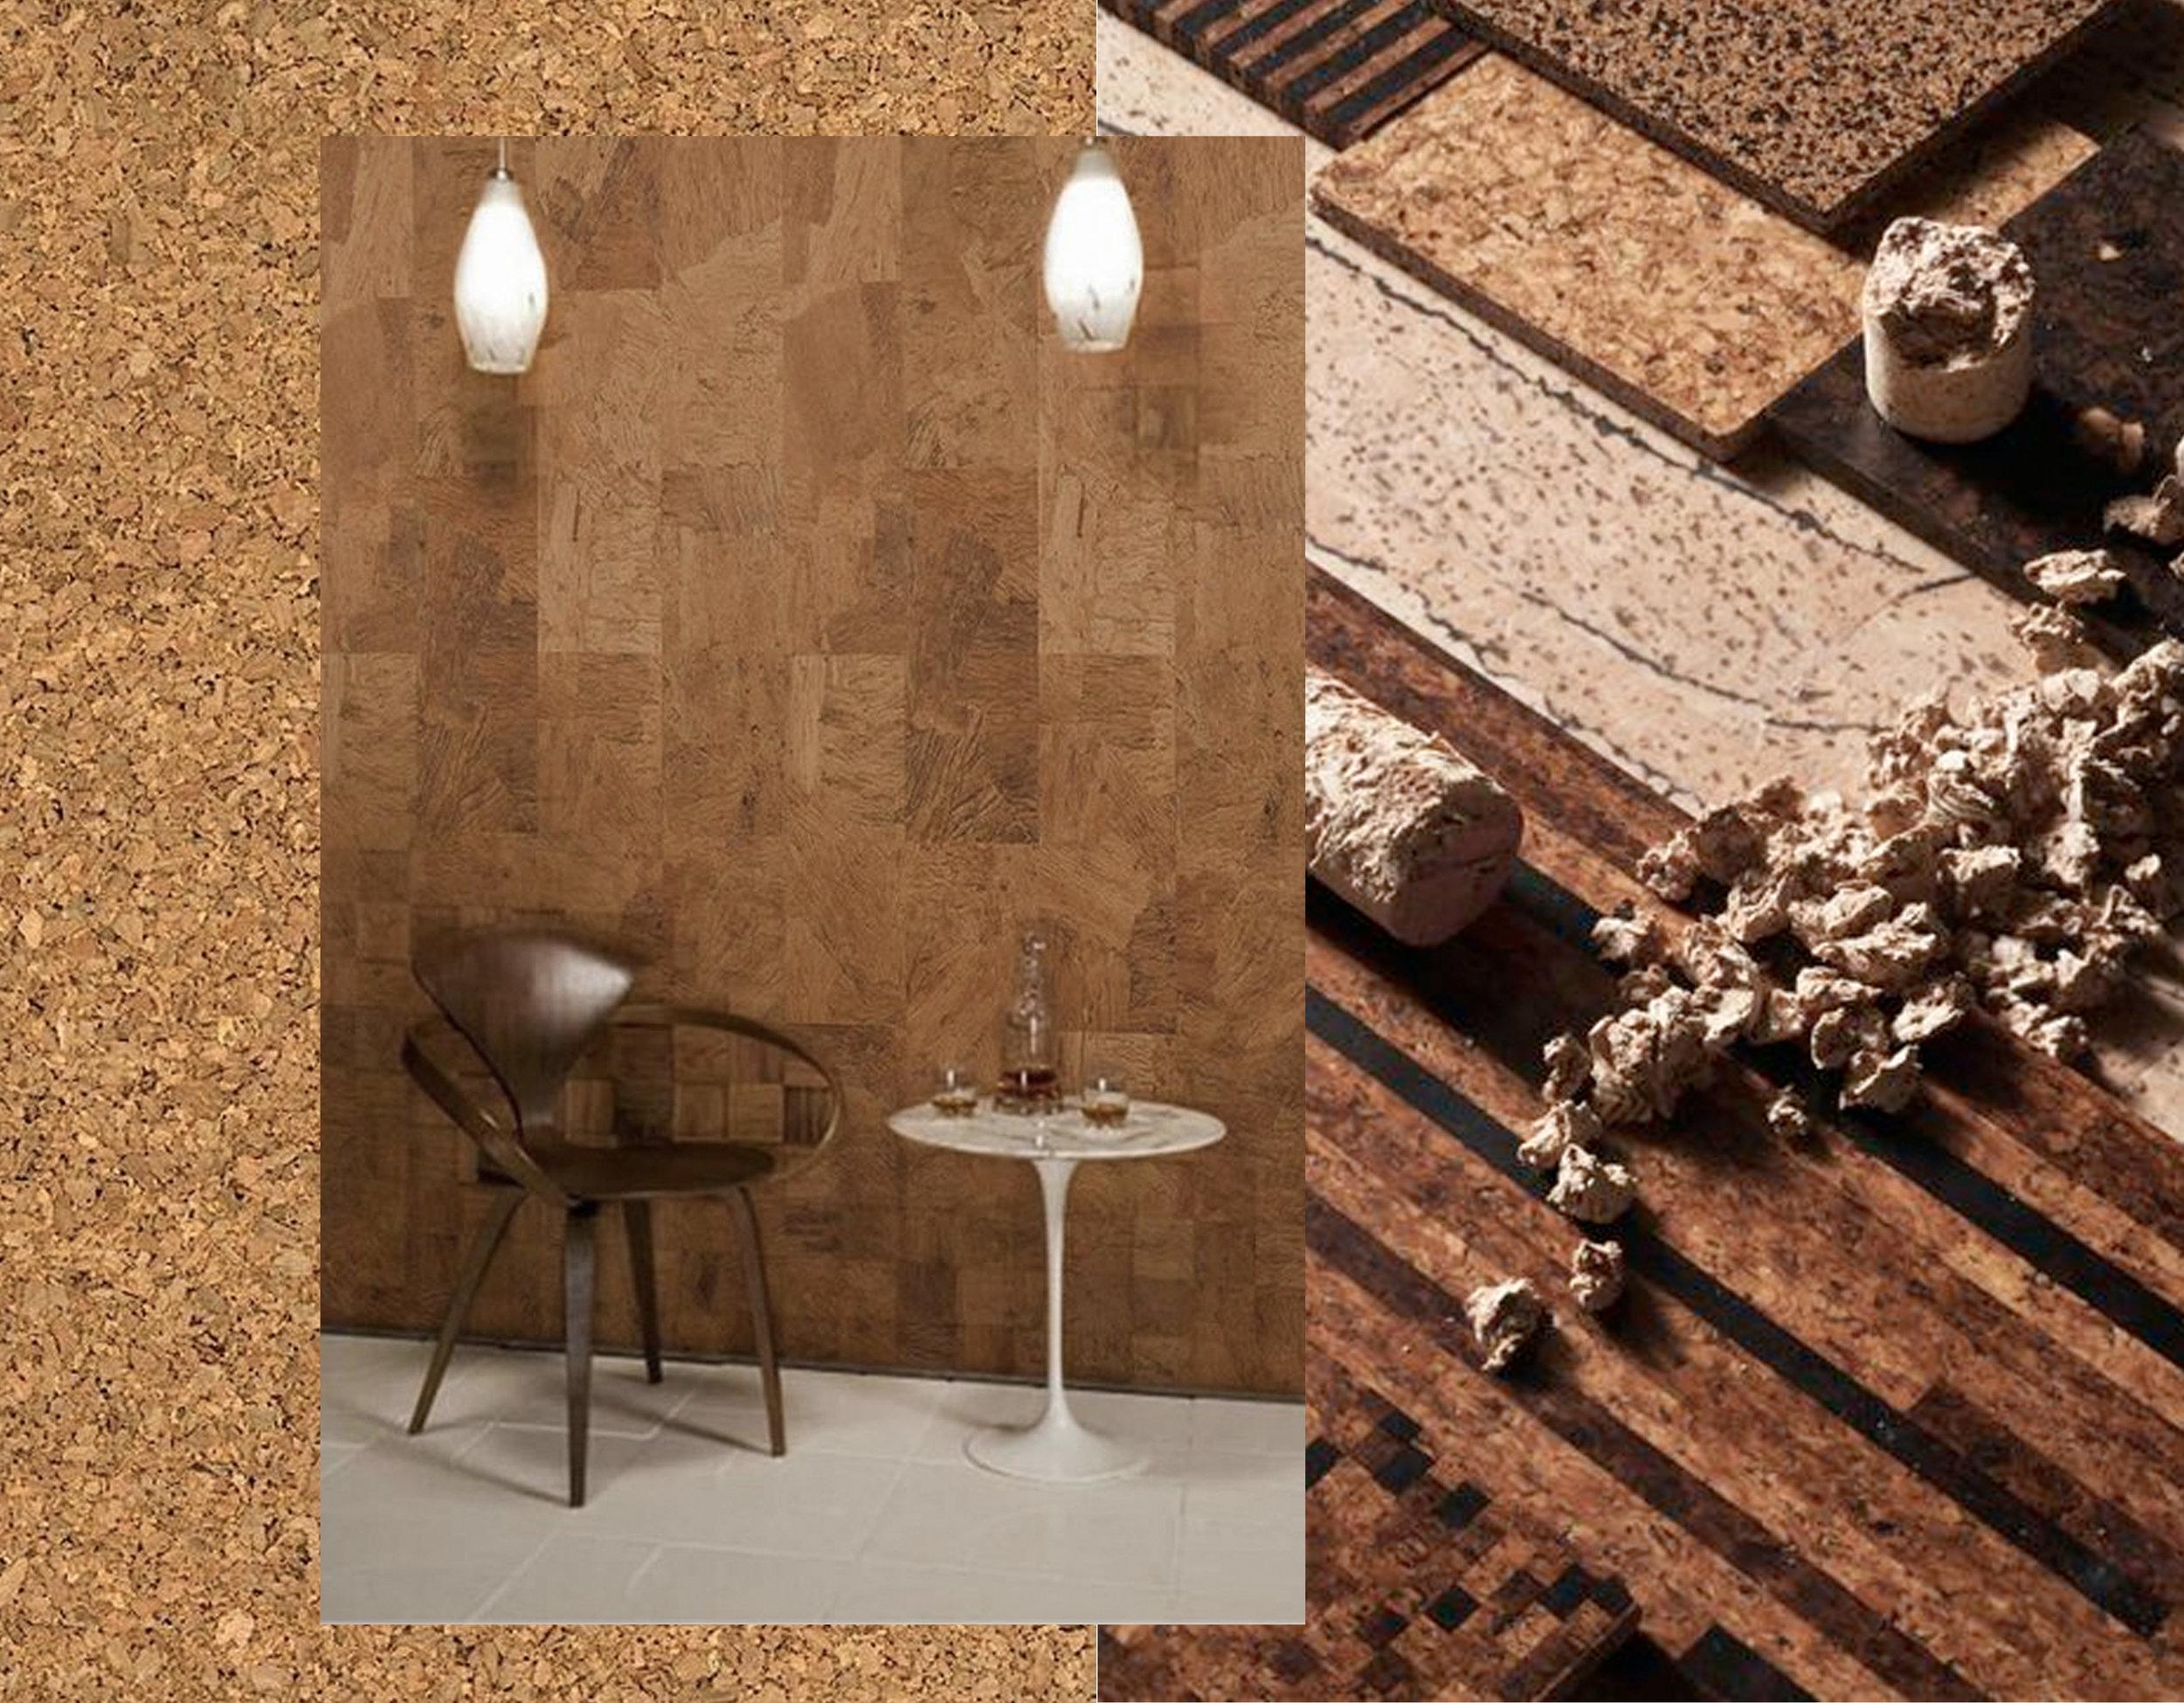 cork via  Abduzeedo  - cork as wall covering via  Google  - cork flooring  Livestrong